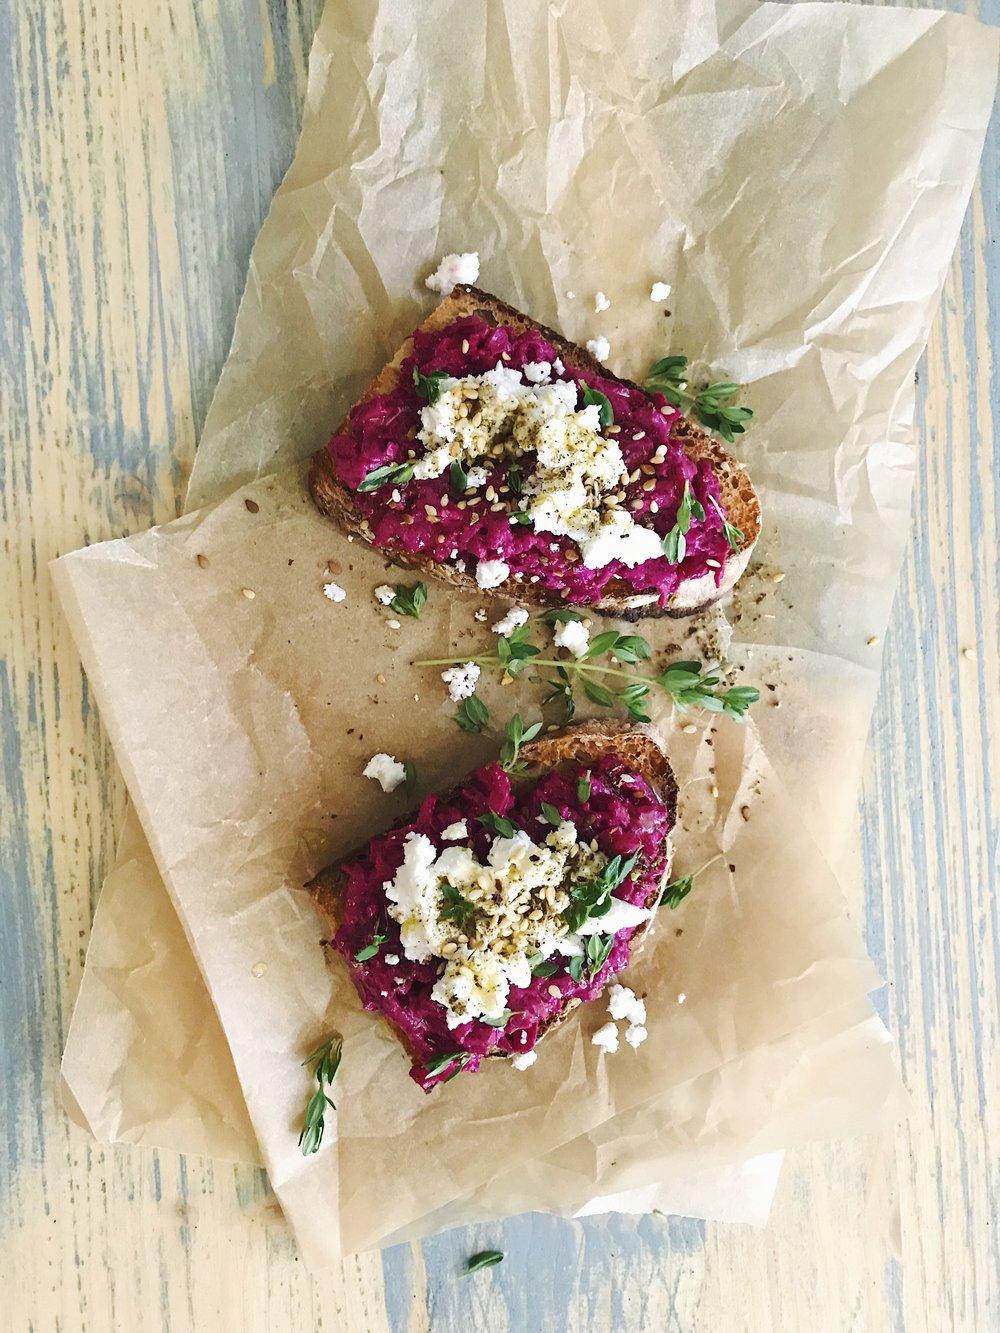 Red Beet Salad | RafaellaSargi.com